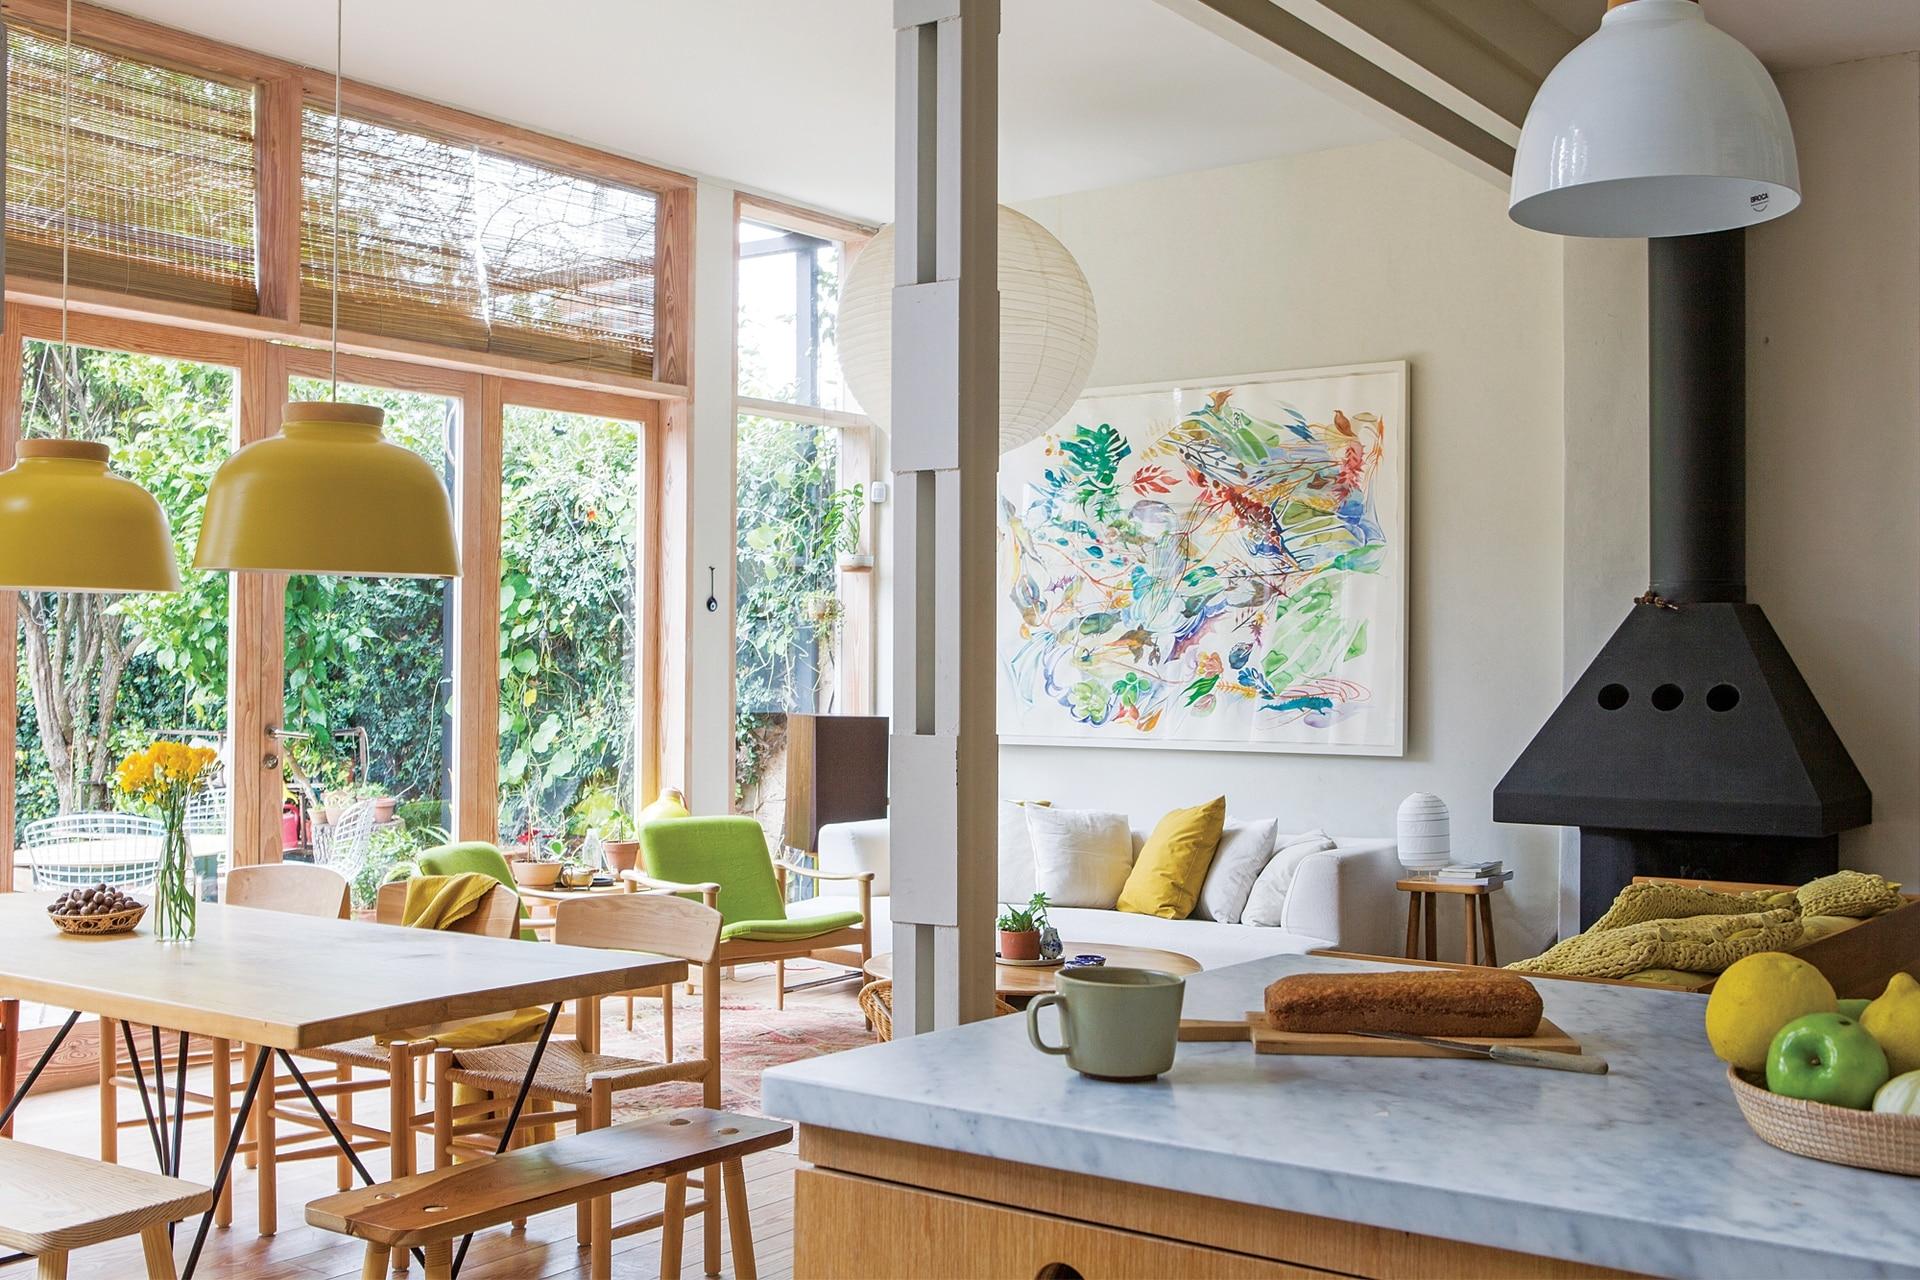 La única pared del living resultó en una expresiva composición con el cuadro del artista Ignacio de Lucca y un sillón blanco (Gris Dimensión), obsequio de Federico Churba, el tío de Carola